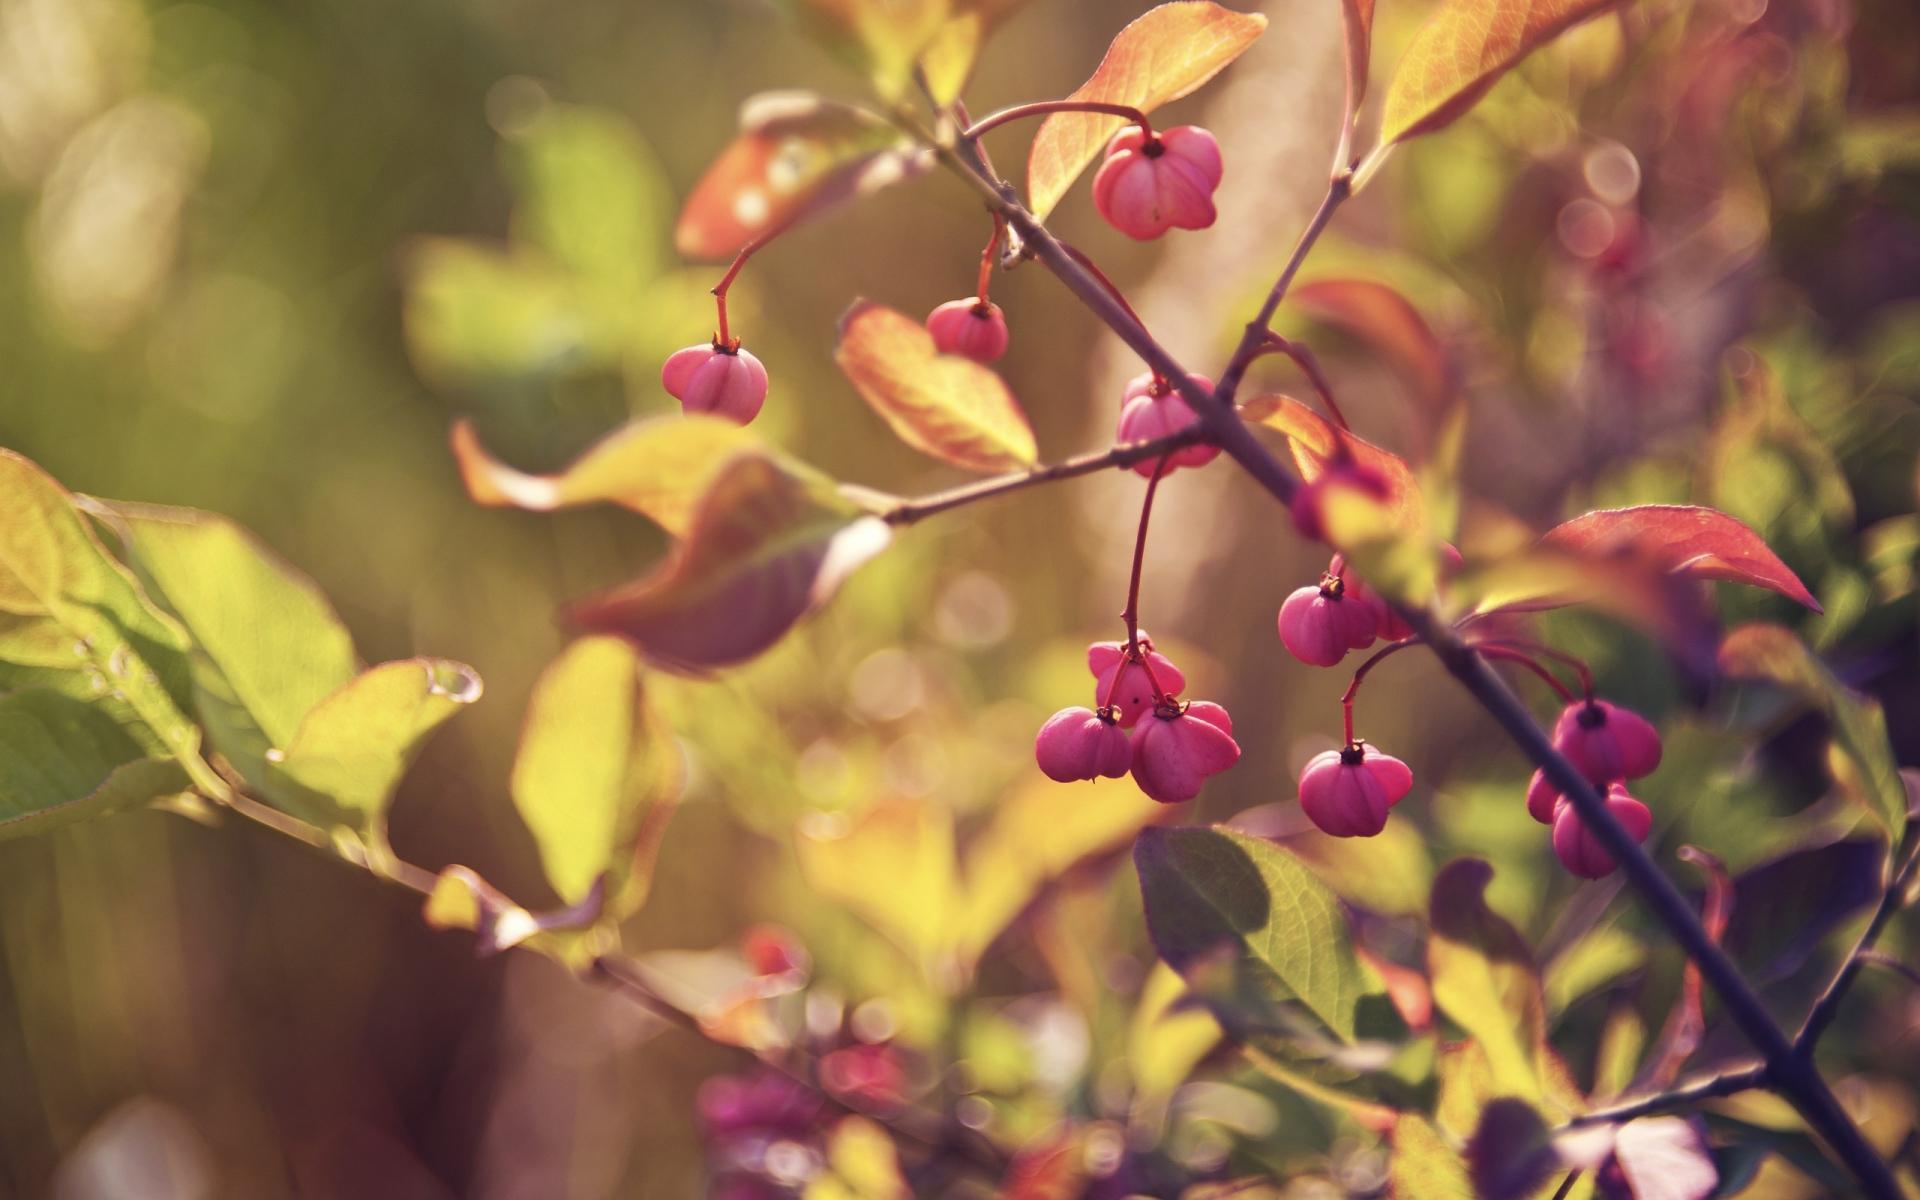 Картинки Ветви, листья, ягоды, цветы фото и обои на рабочий стол